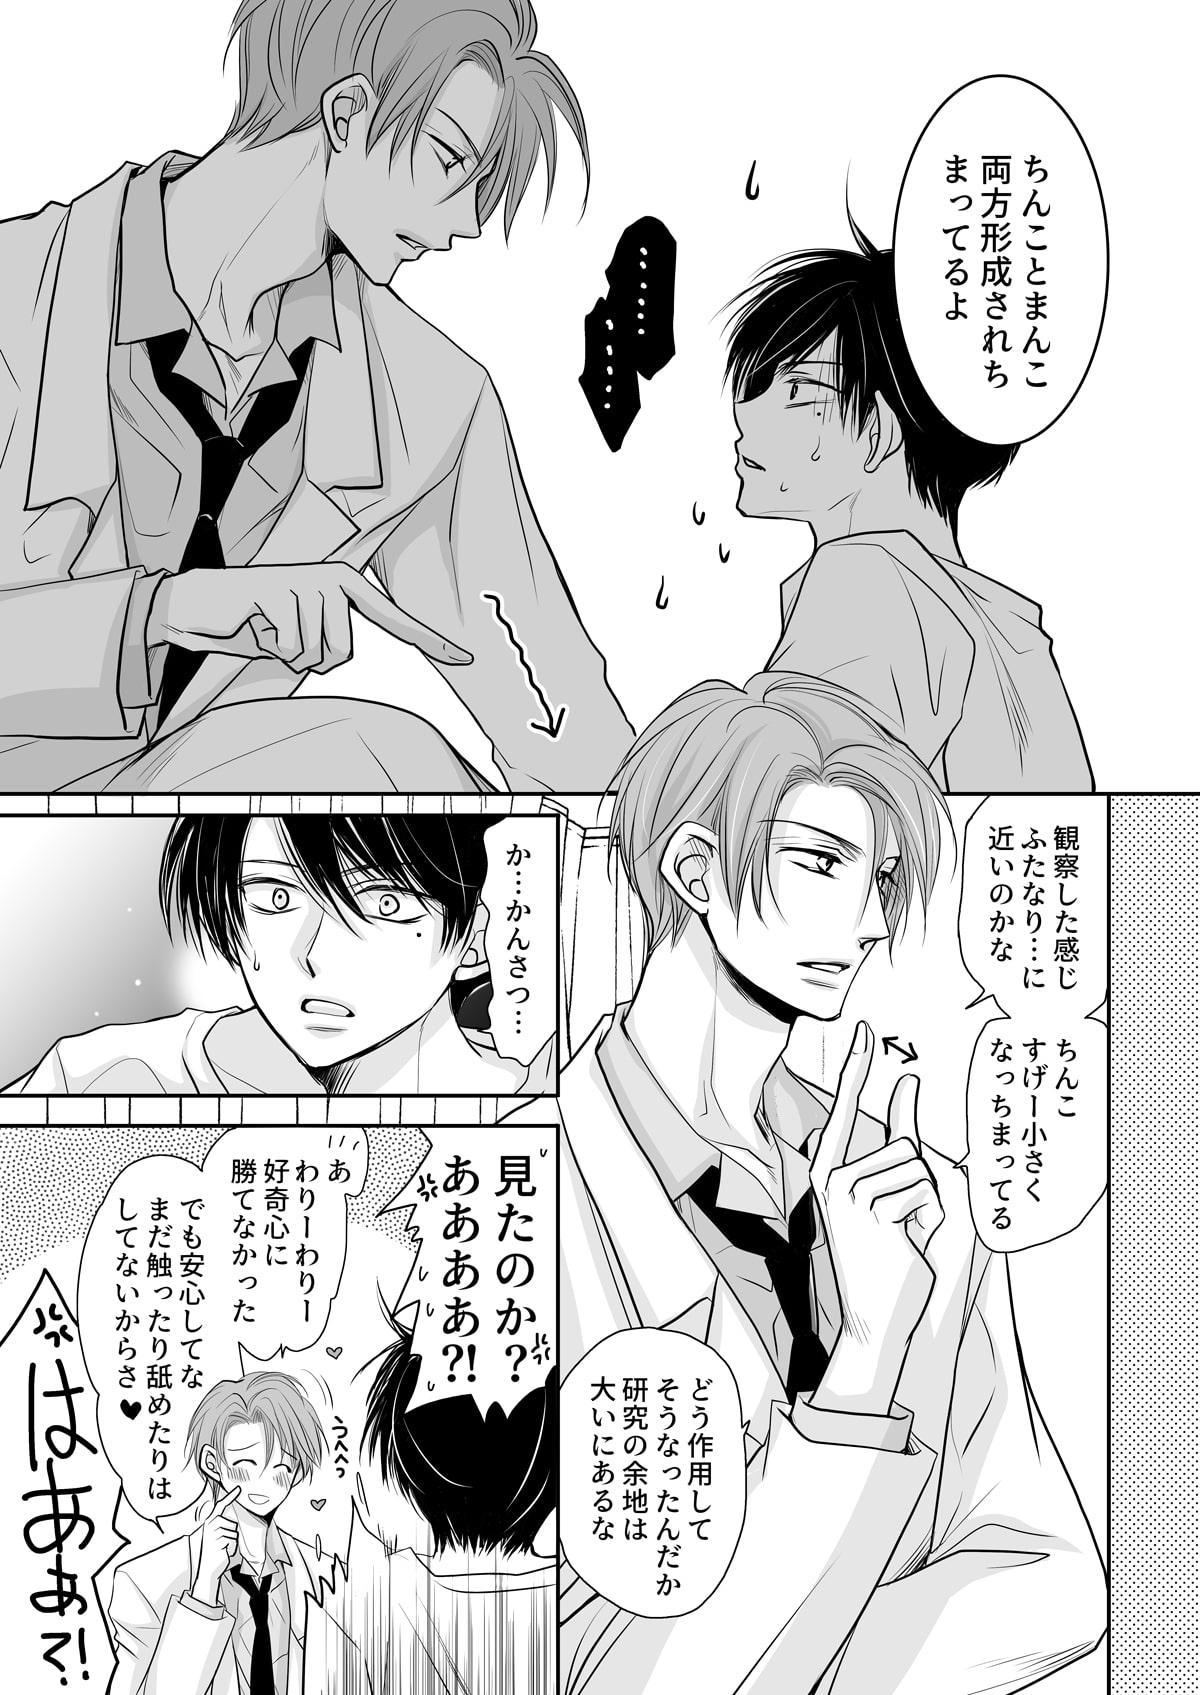 ちんちんvまんまん~ふたなり爆誕NTR~【18禁版】